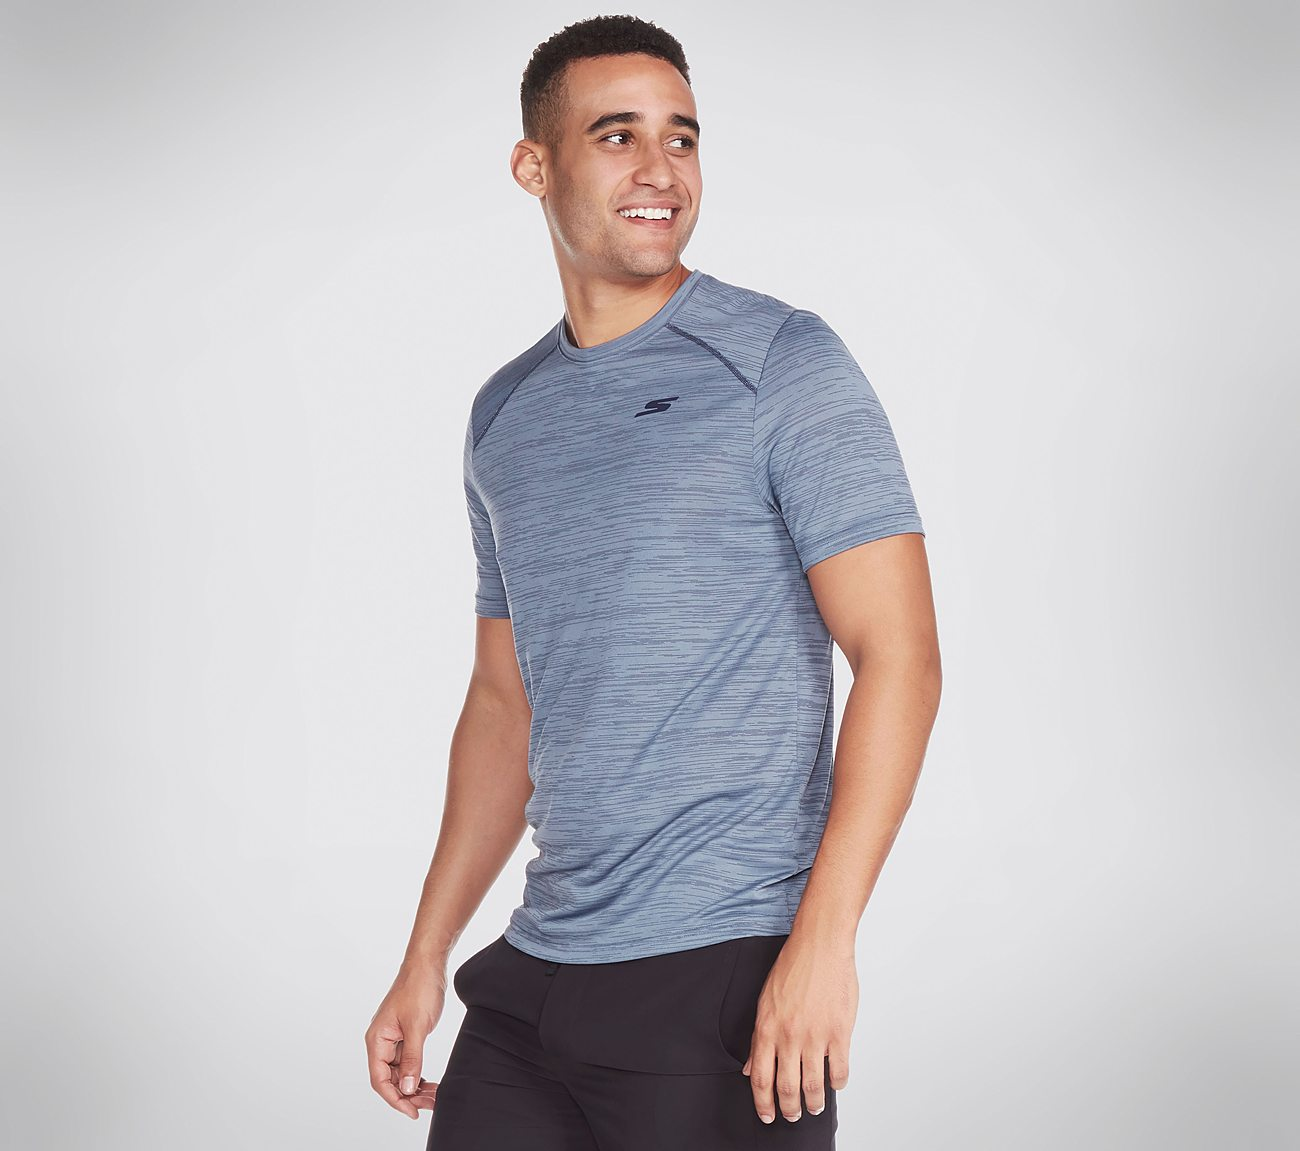 Skechers Apparel Coolness Tee Shirt